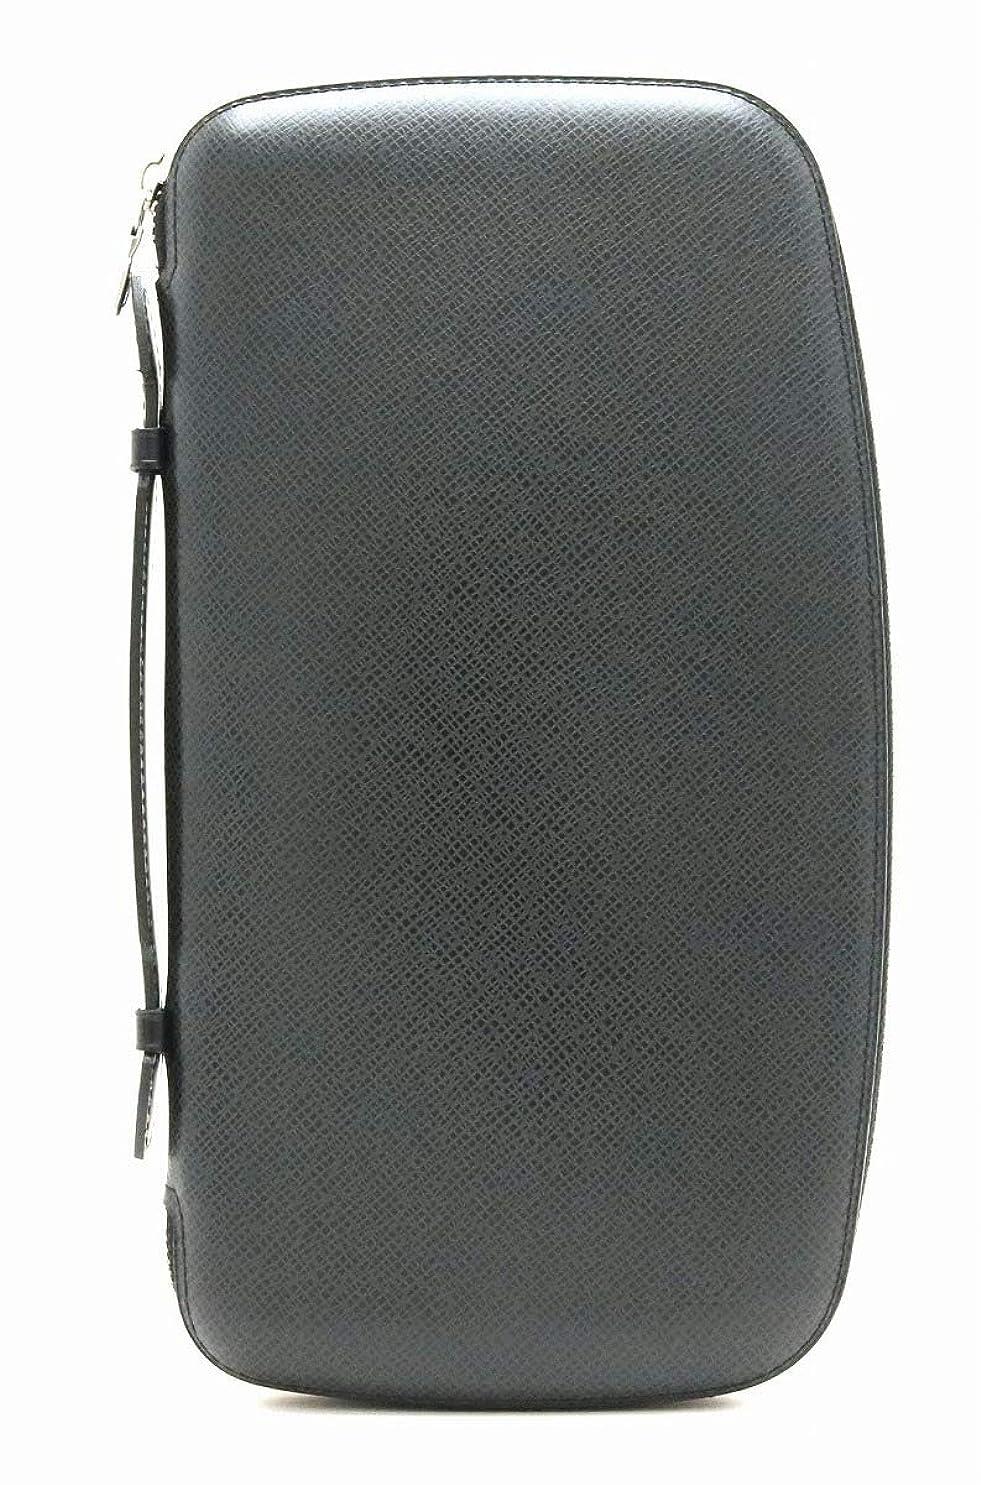 抑圧巨大酸[ルイ ヴィトン] LOUIS VUITTON タイガ オーガナイザー アトール トラベルケース セカンドバッグ レザー アルドワーズ 黒 ブラック M30652 [中古]